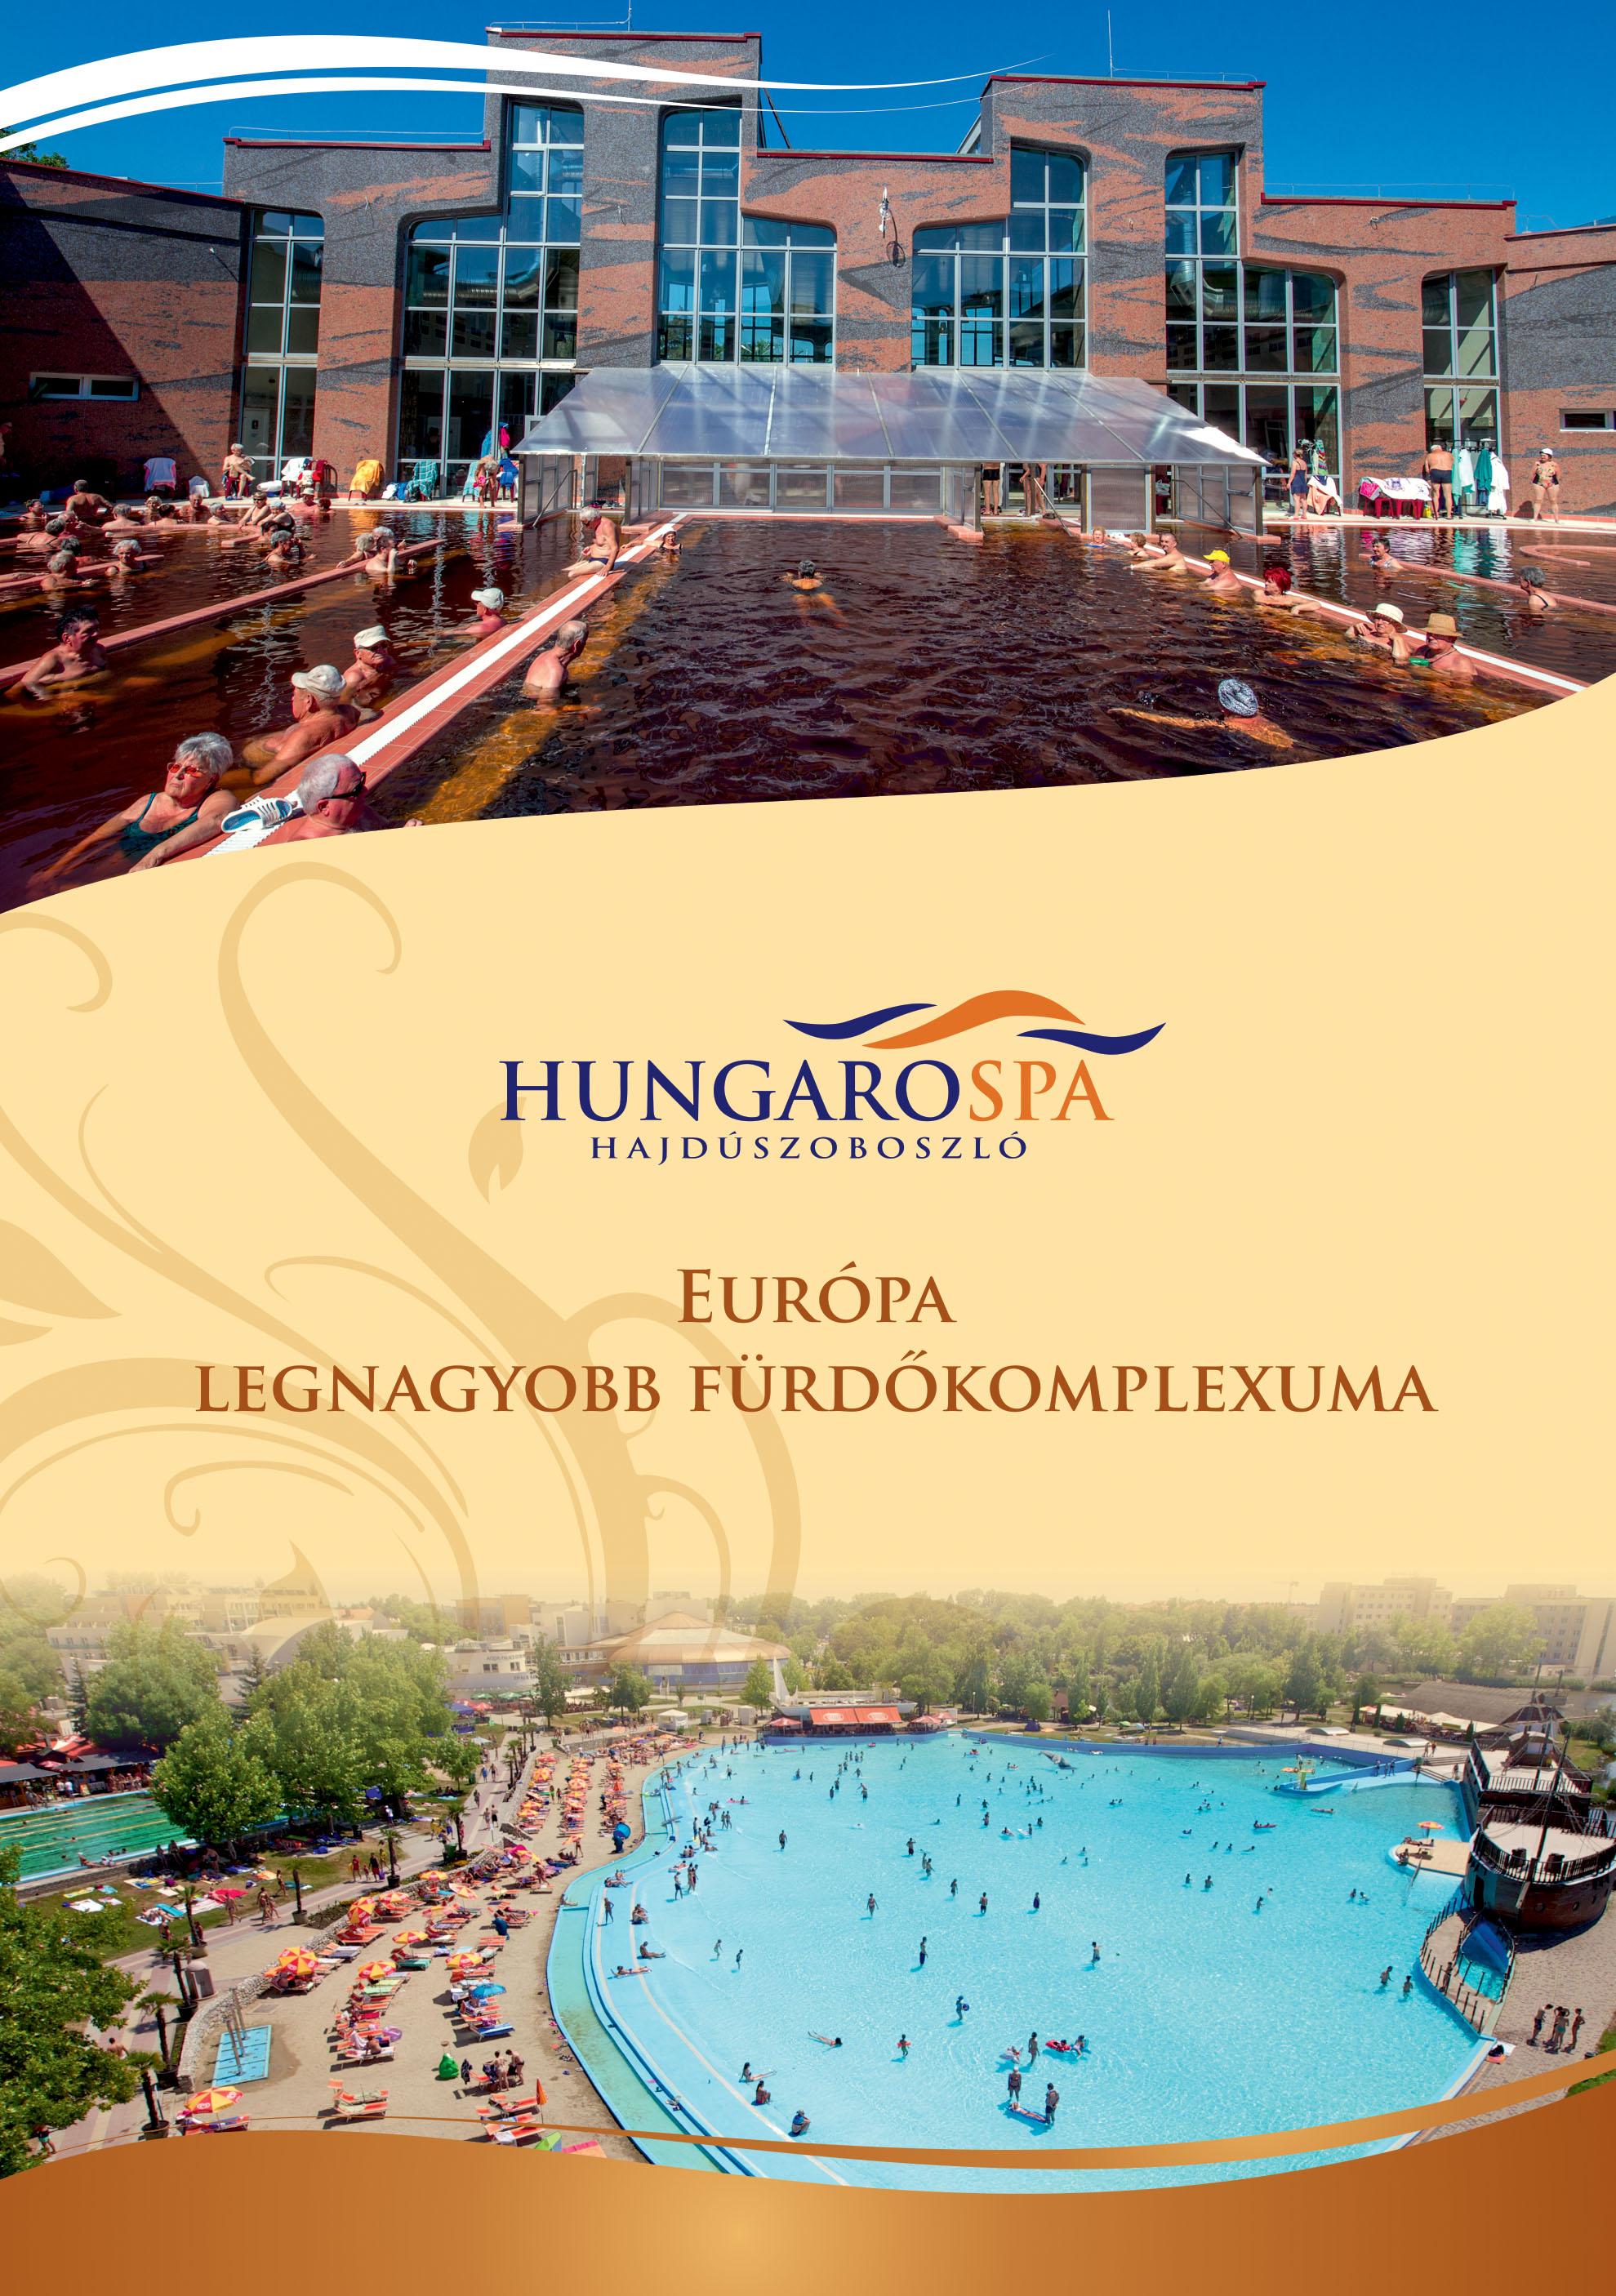 Hungarospa Hajdúszoboszló prospektus B5